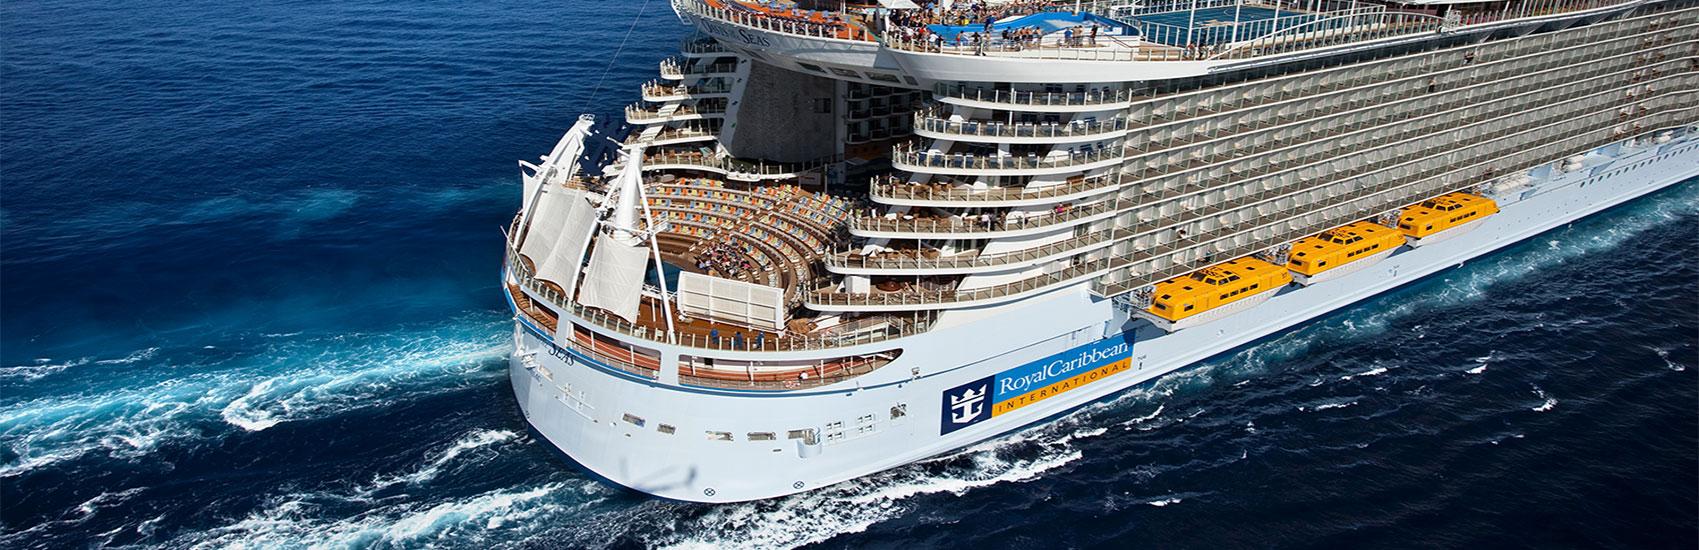 Royal Caribbean BOGO Offer 0